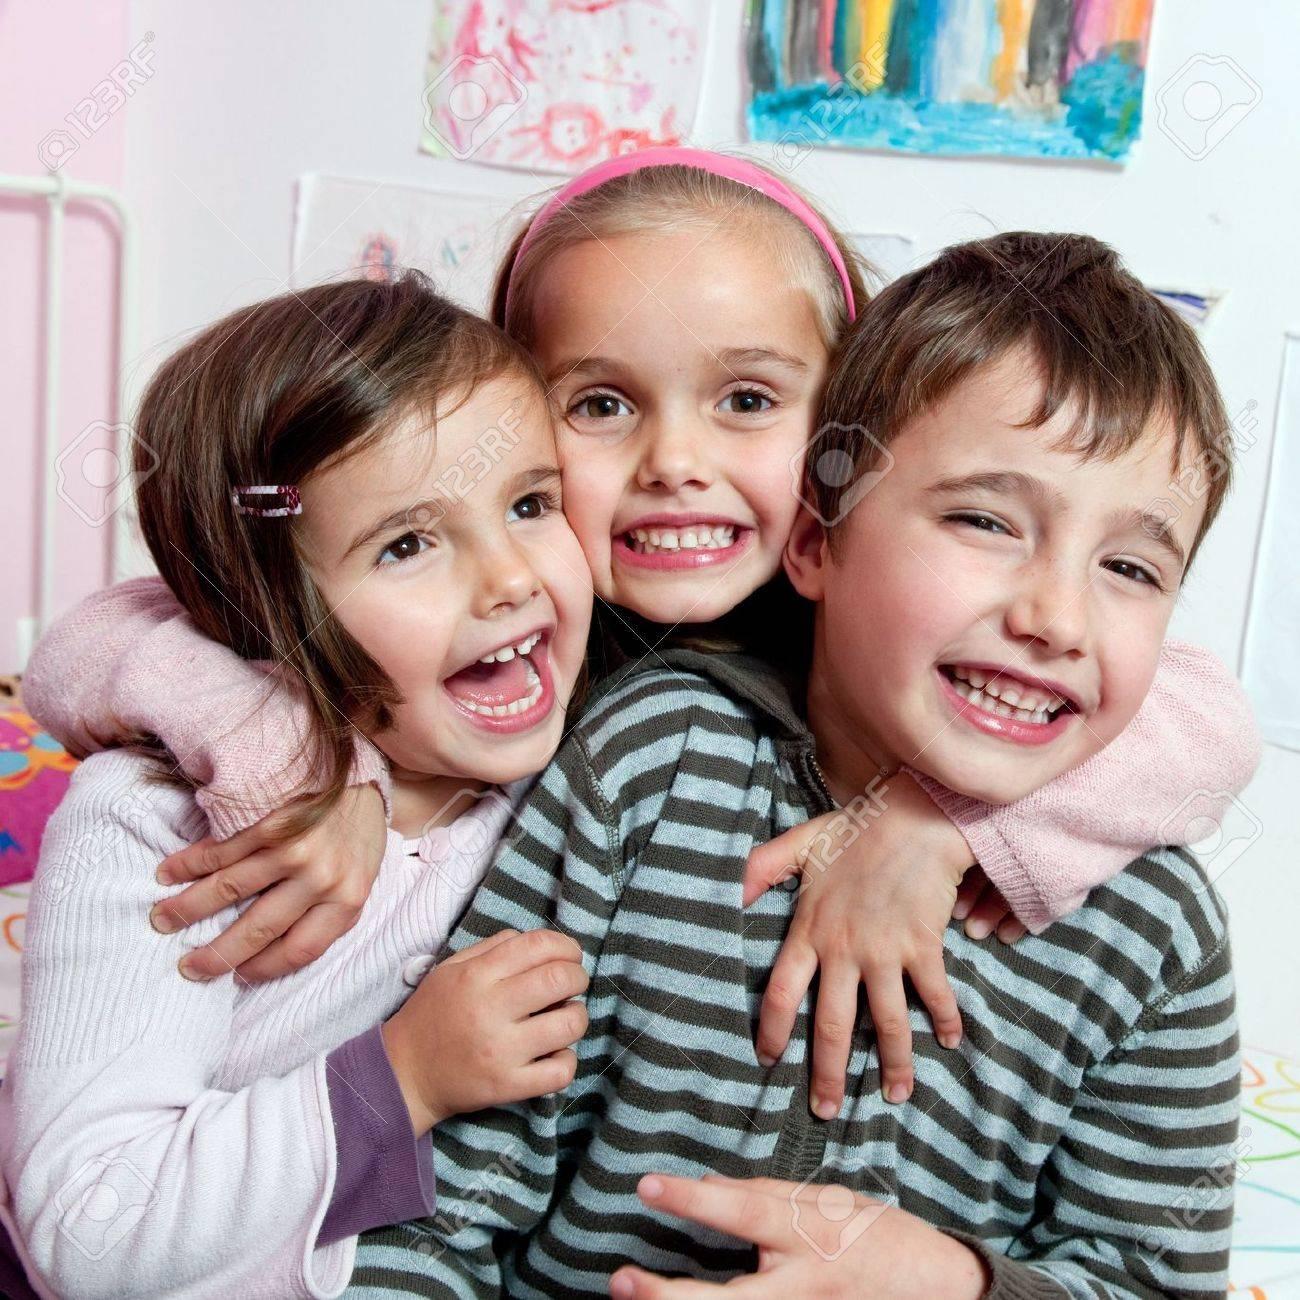 Happy kids Stock Photo - 8159159